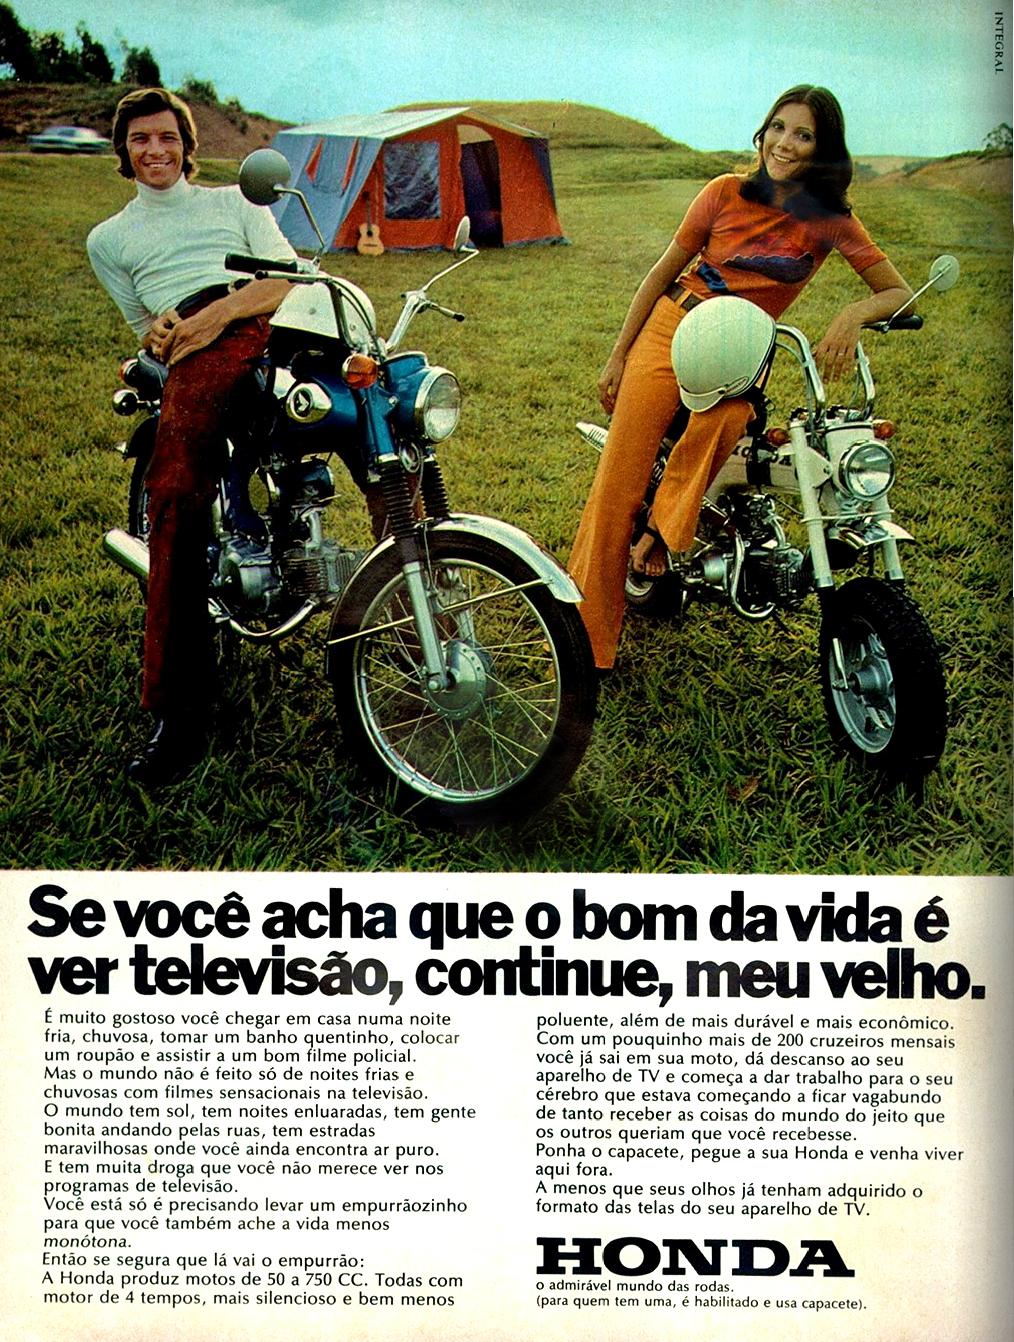 Propaganda da Honda veiculada em 1973 promovendo sua linha de motos